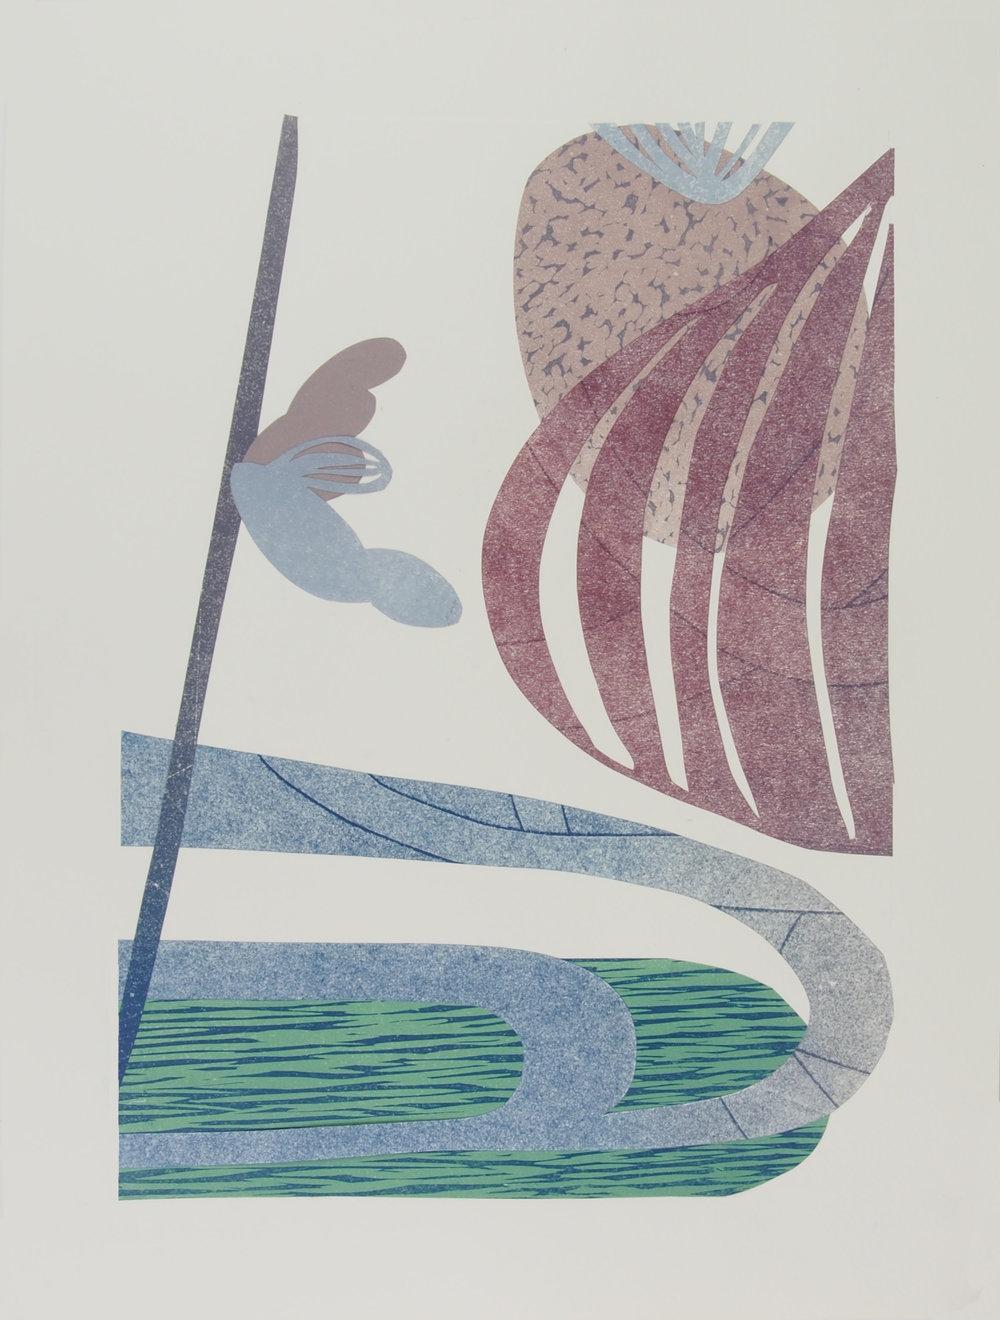 Akibare III, 36.5 x 28cm